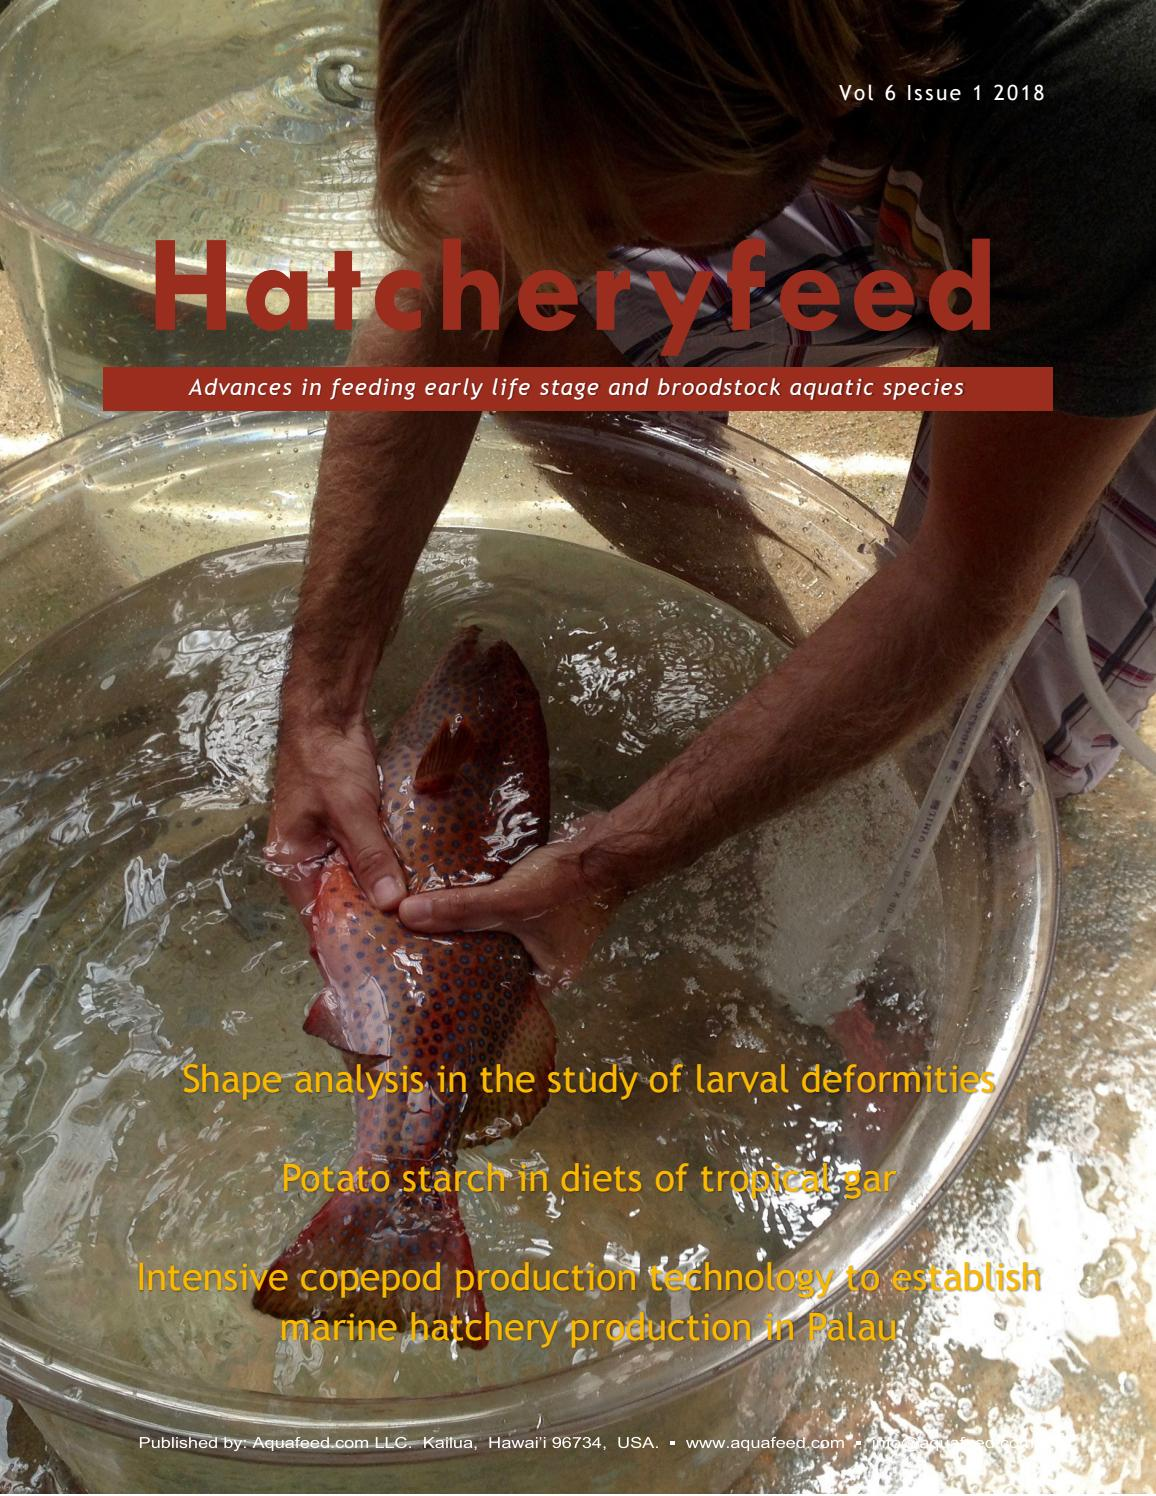 Hatcheryfeed vol 6 issue 1 2018 by Aquafeed com - issuu